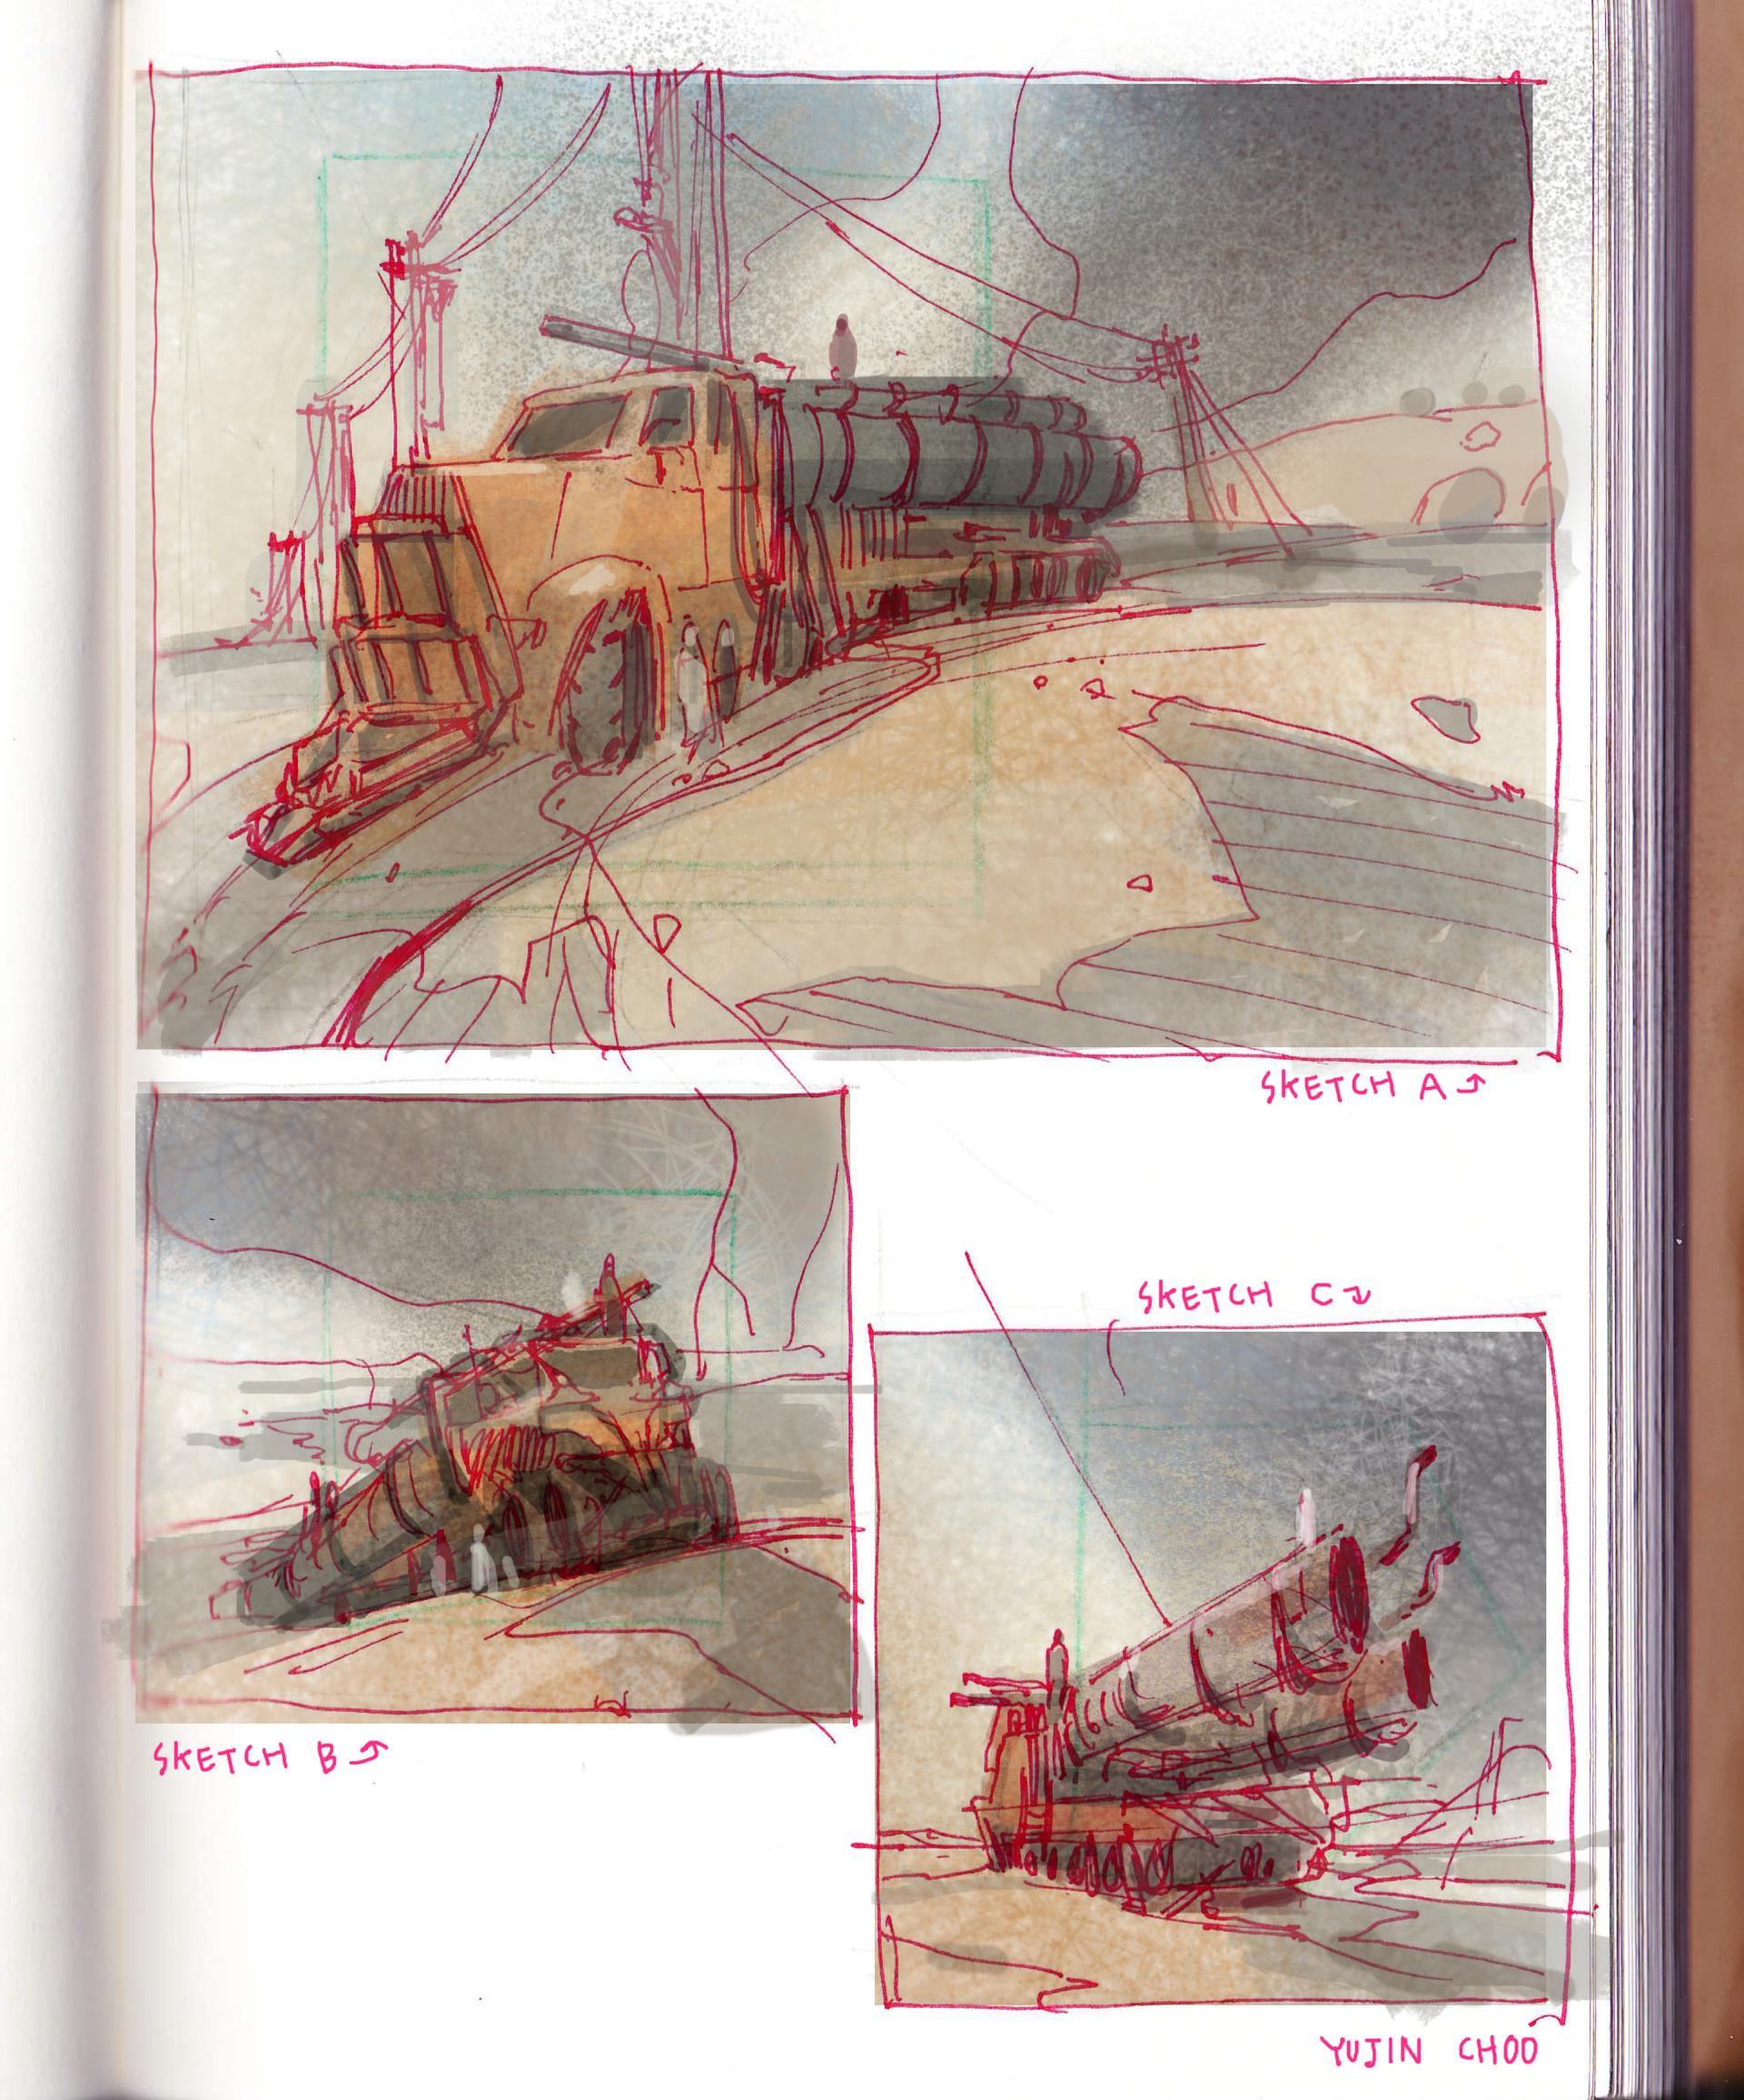 Yujin choo resupplycaravan sketch